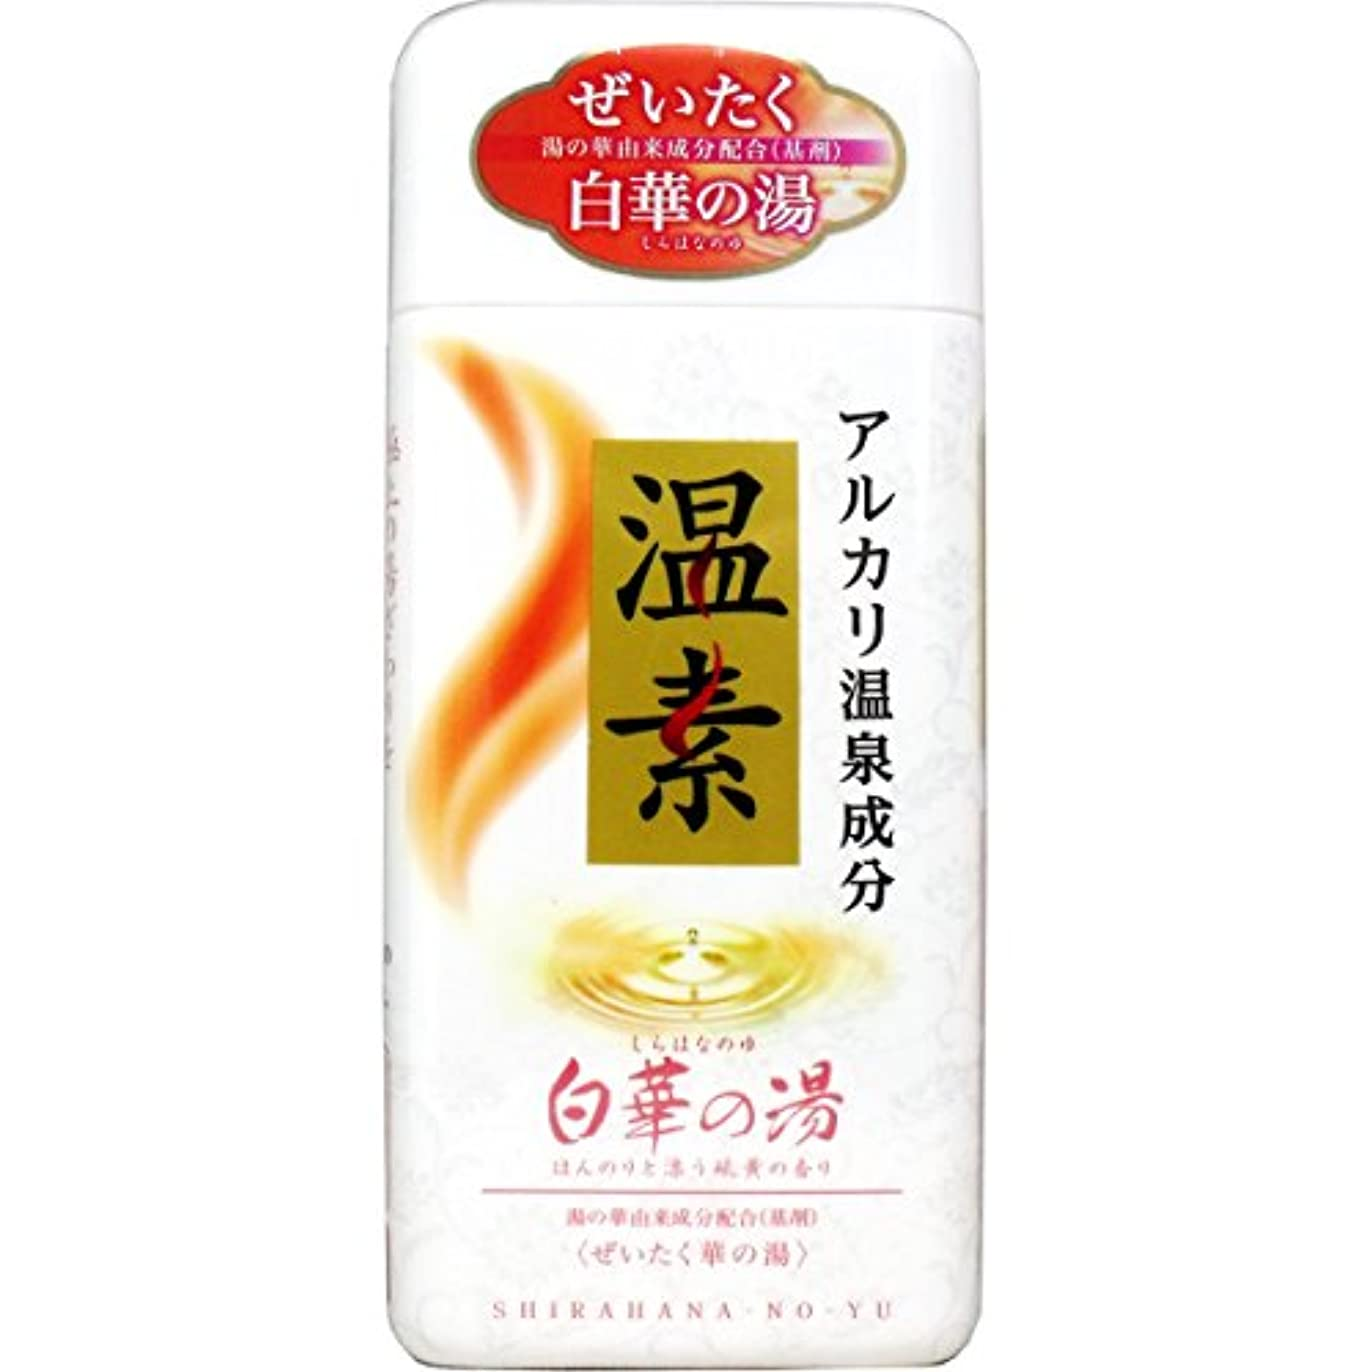 持つパトロン家禽入浴剤 ぜいたく華の湯 リラックス用品 アルカリ温泉成分 温素 入浴剤 白華の湯 硫黄の香り 600g入